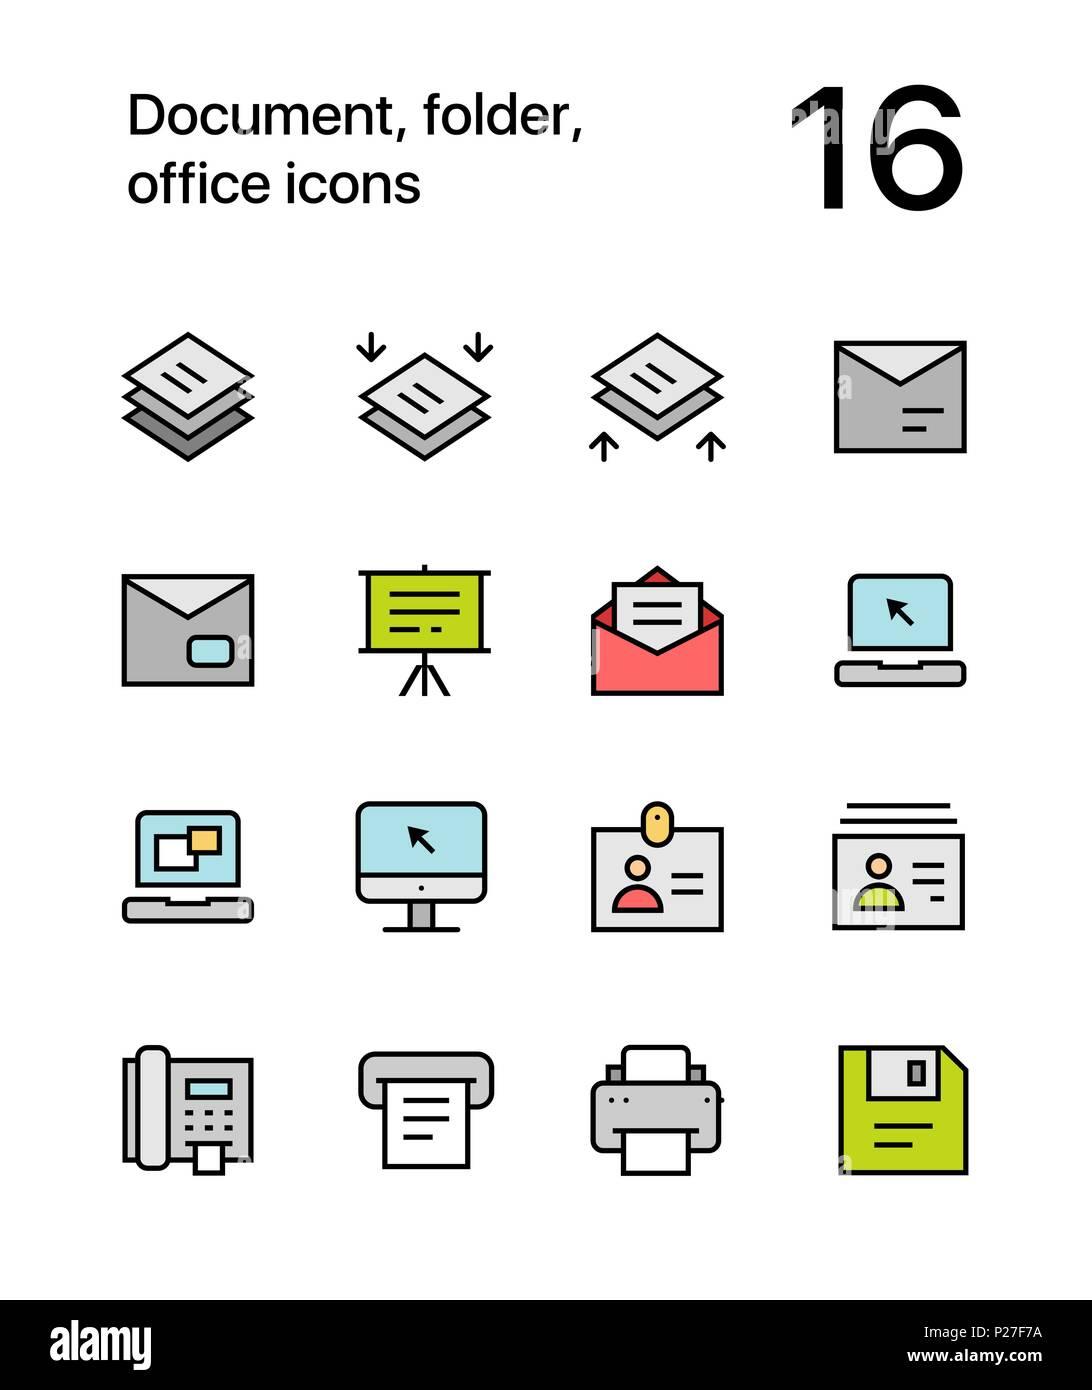 Farbiges Dokument Ordner Buro Symbole Fur Web Und Mobile Design